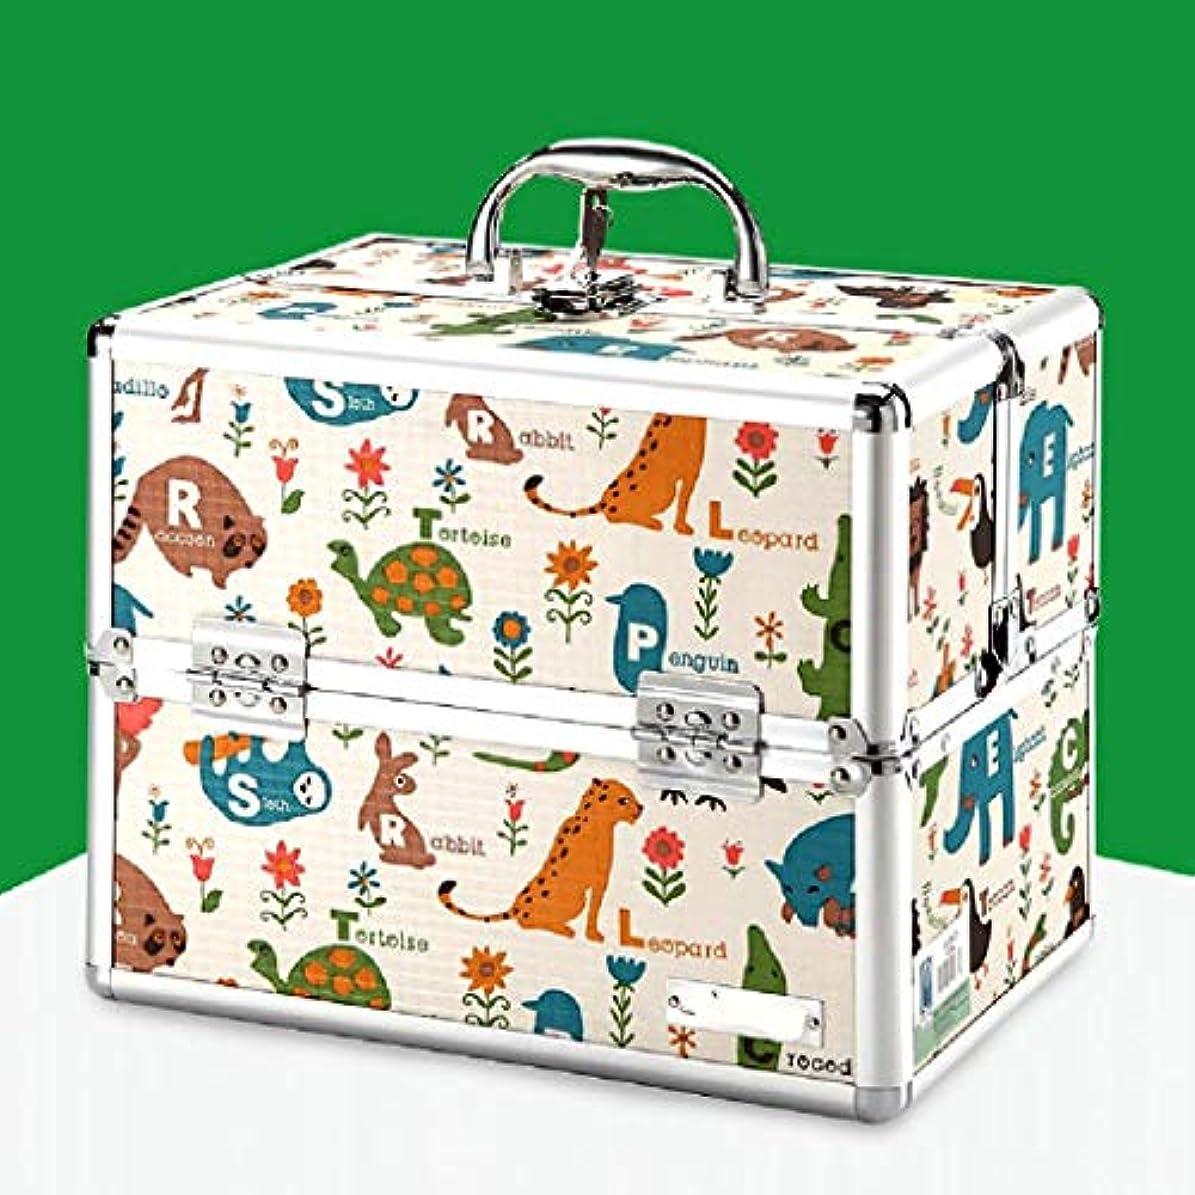 浴マトン福祉漫画薬箱家庭薬箱多層薬箱ポータブル救急箱薬収納ボックス CQQO (Color : C)